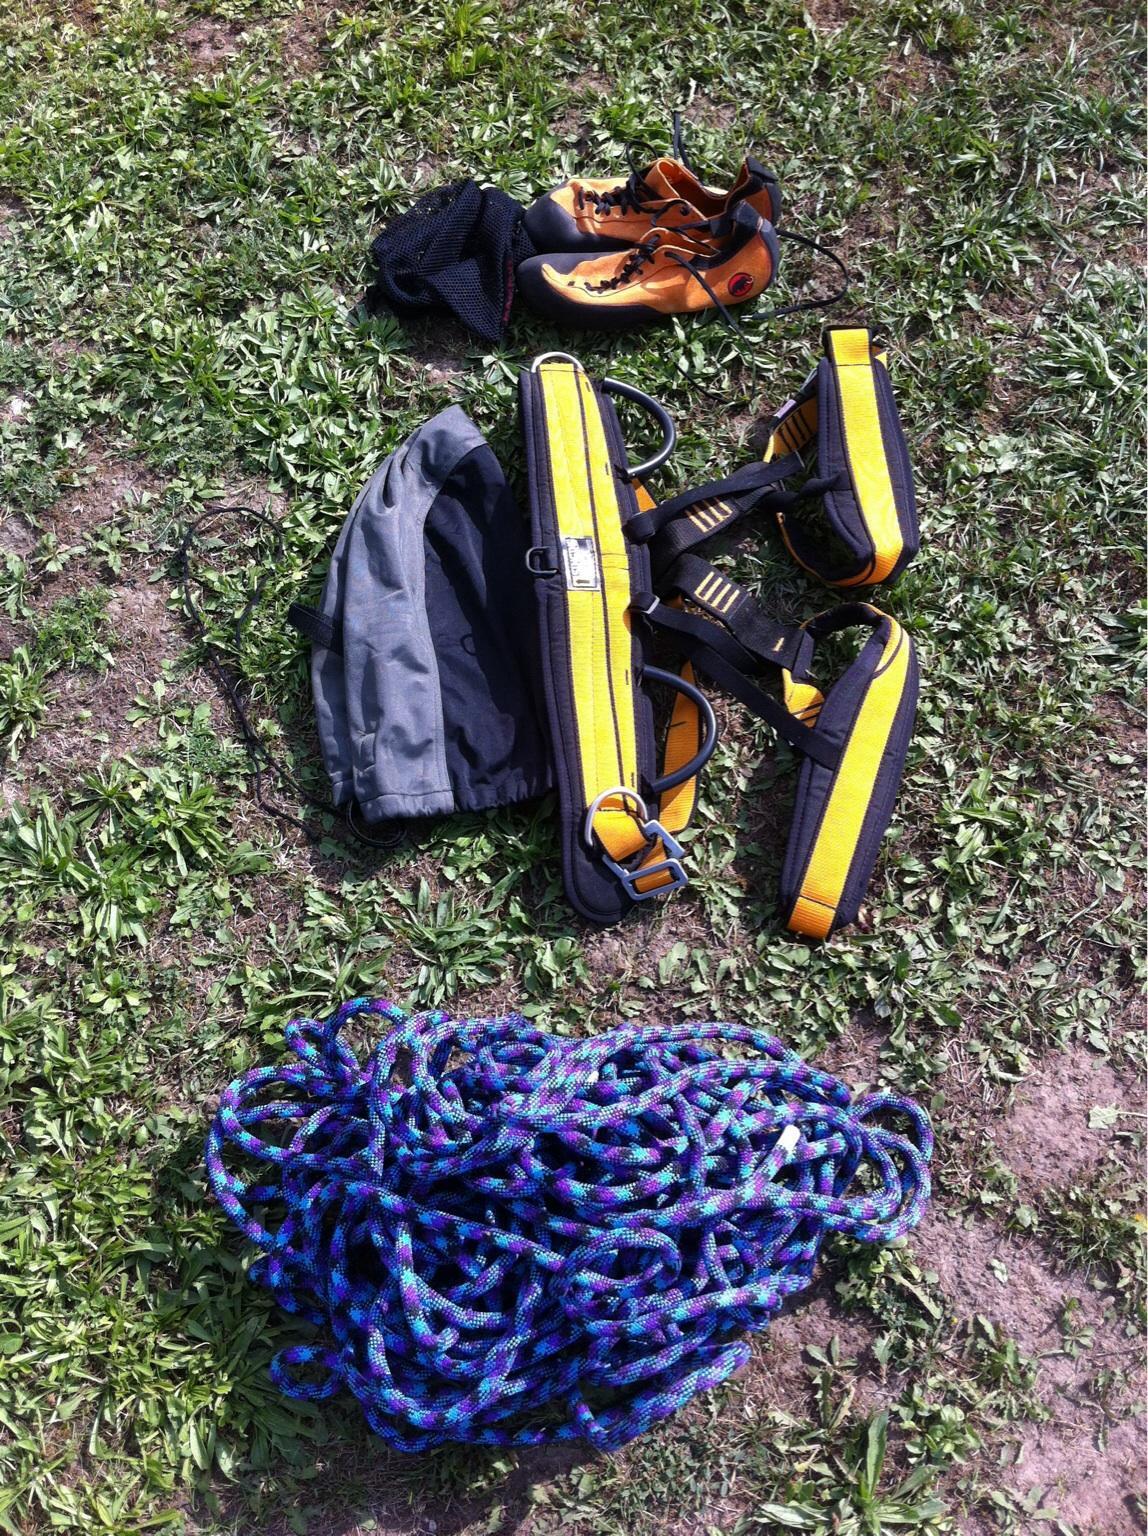 Kletterausrüstung Gebraucht Kaufen : Ausrüstung für klettern günstig kaufen auf ricardo